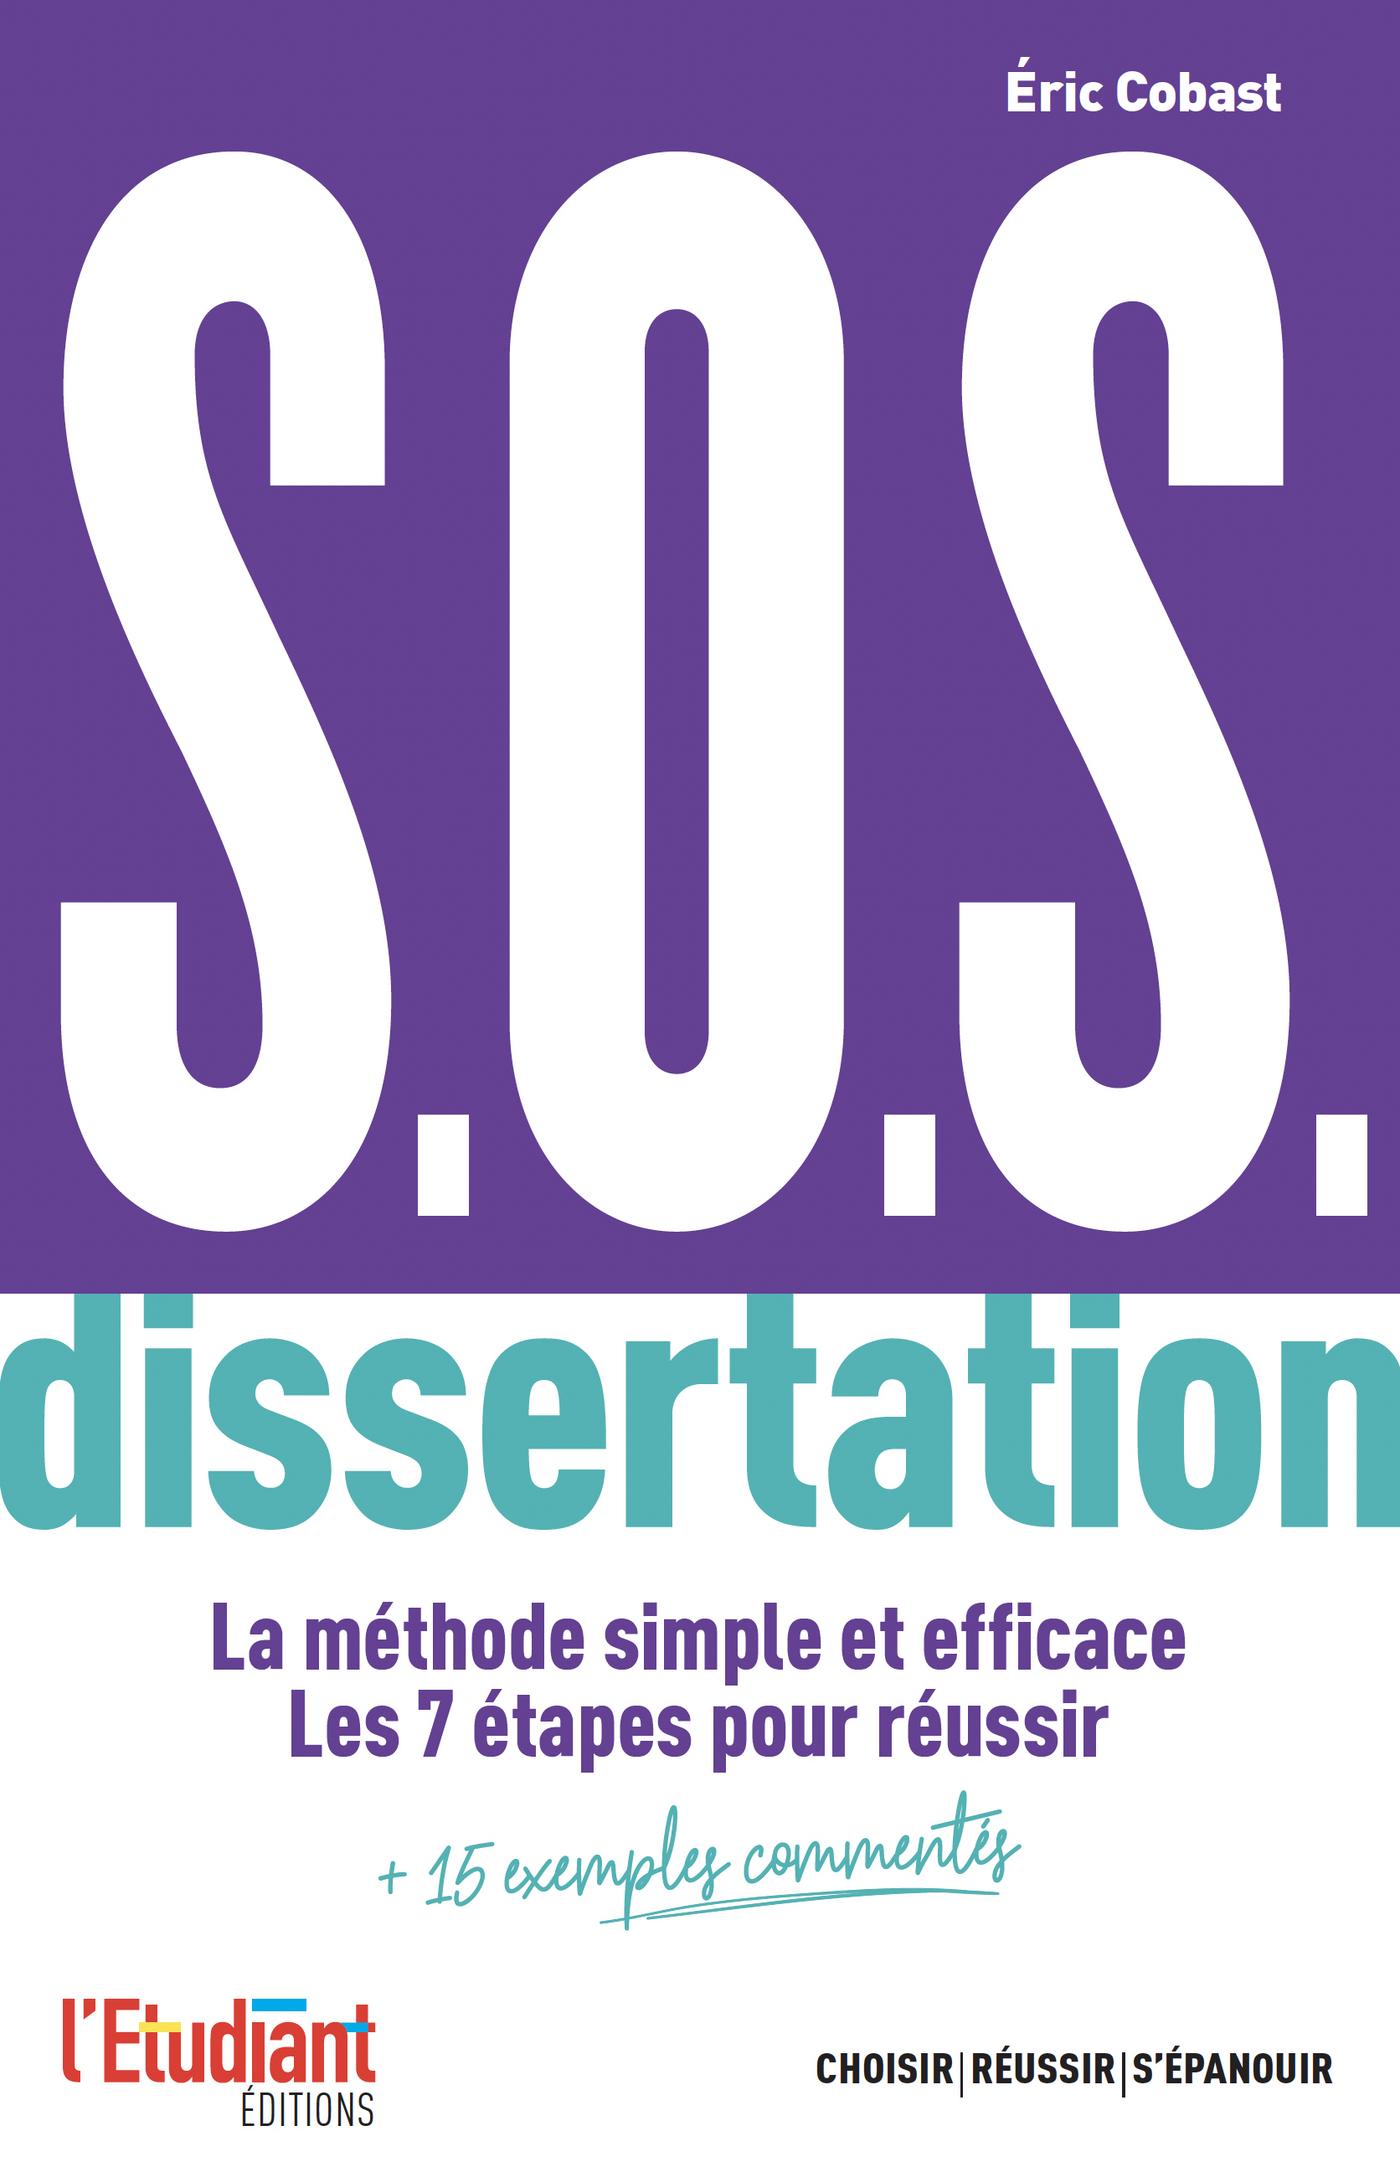 S.O.S. dissertation - La m?thode simple et efficace. Les 7 ?tapes pour r?ussir + 15 exemples comment